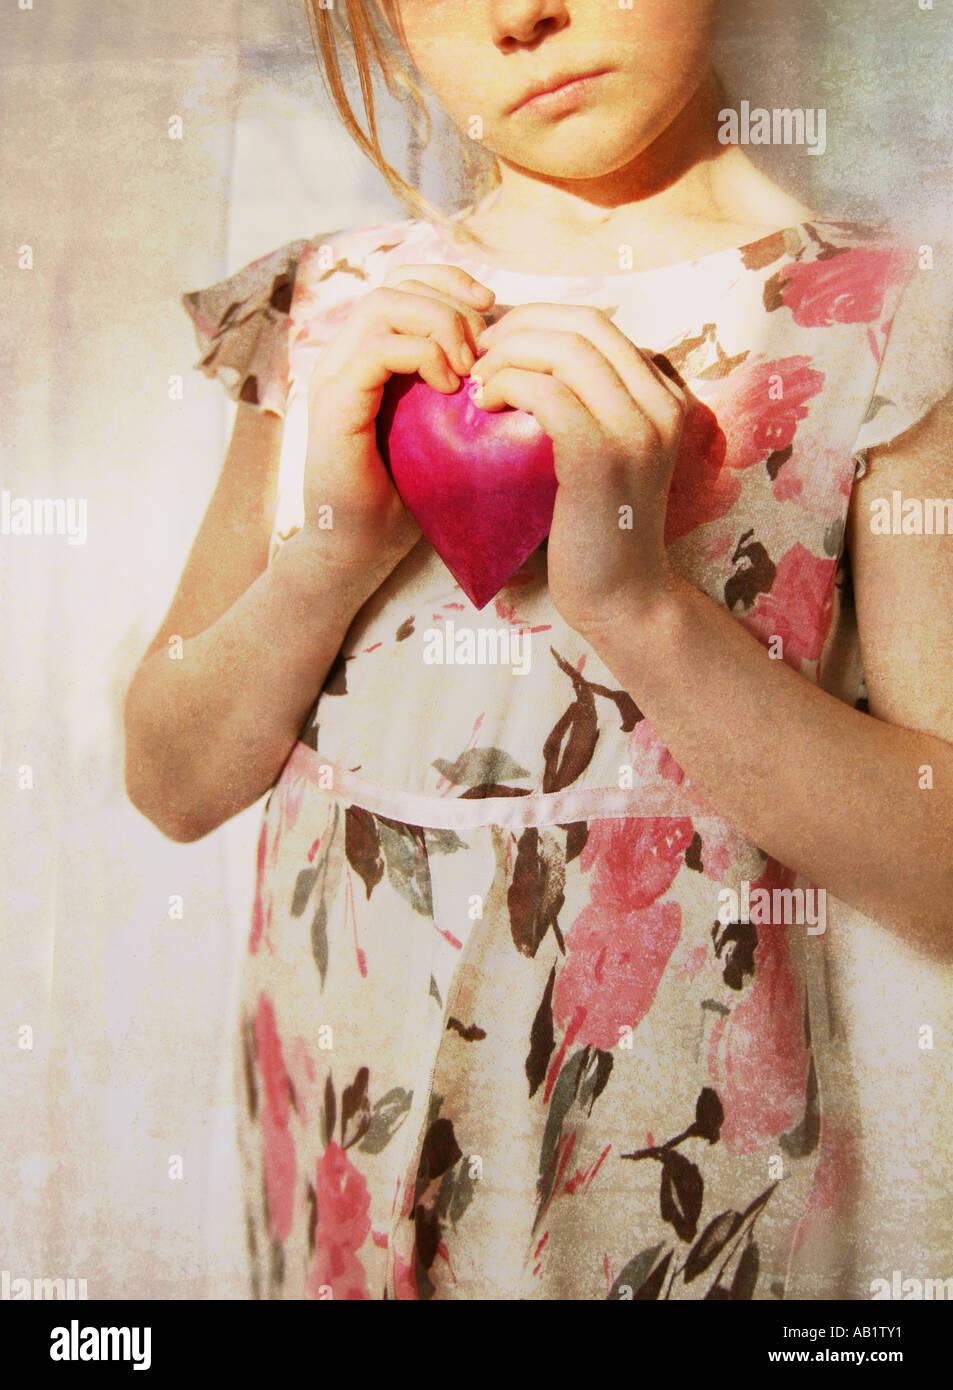 Una chica sujetando una rosa de corazón Imagen De Stock